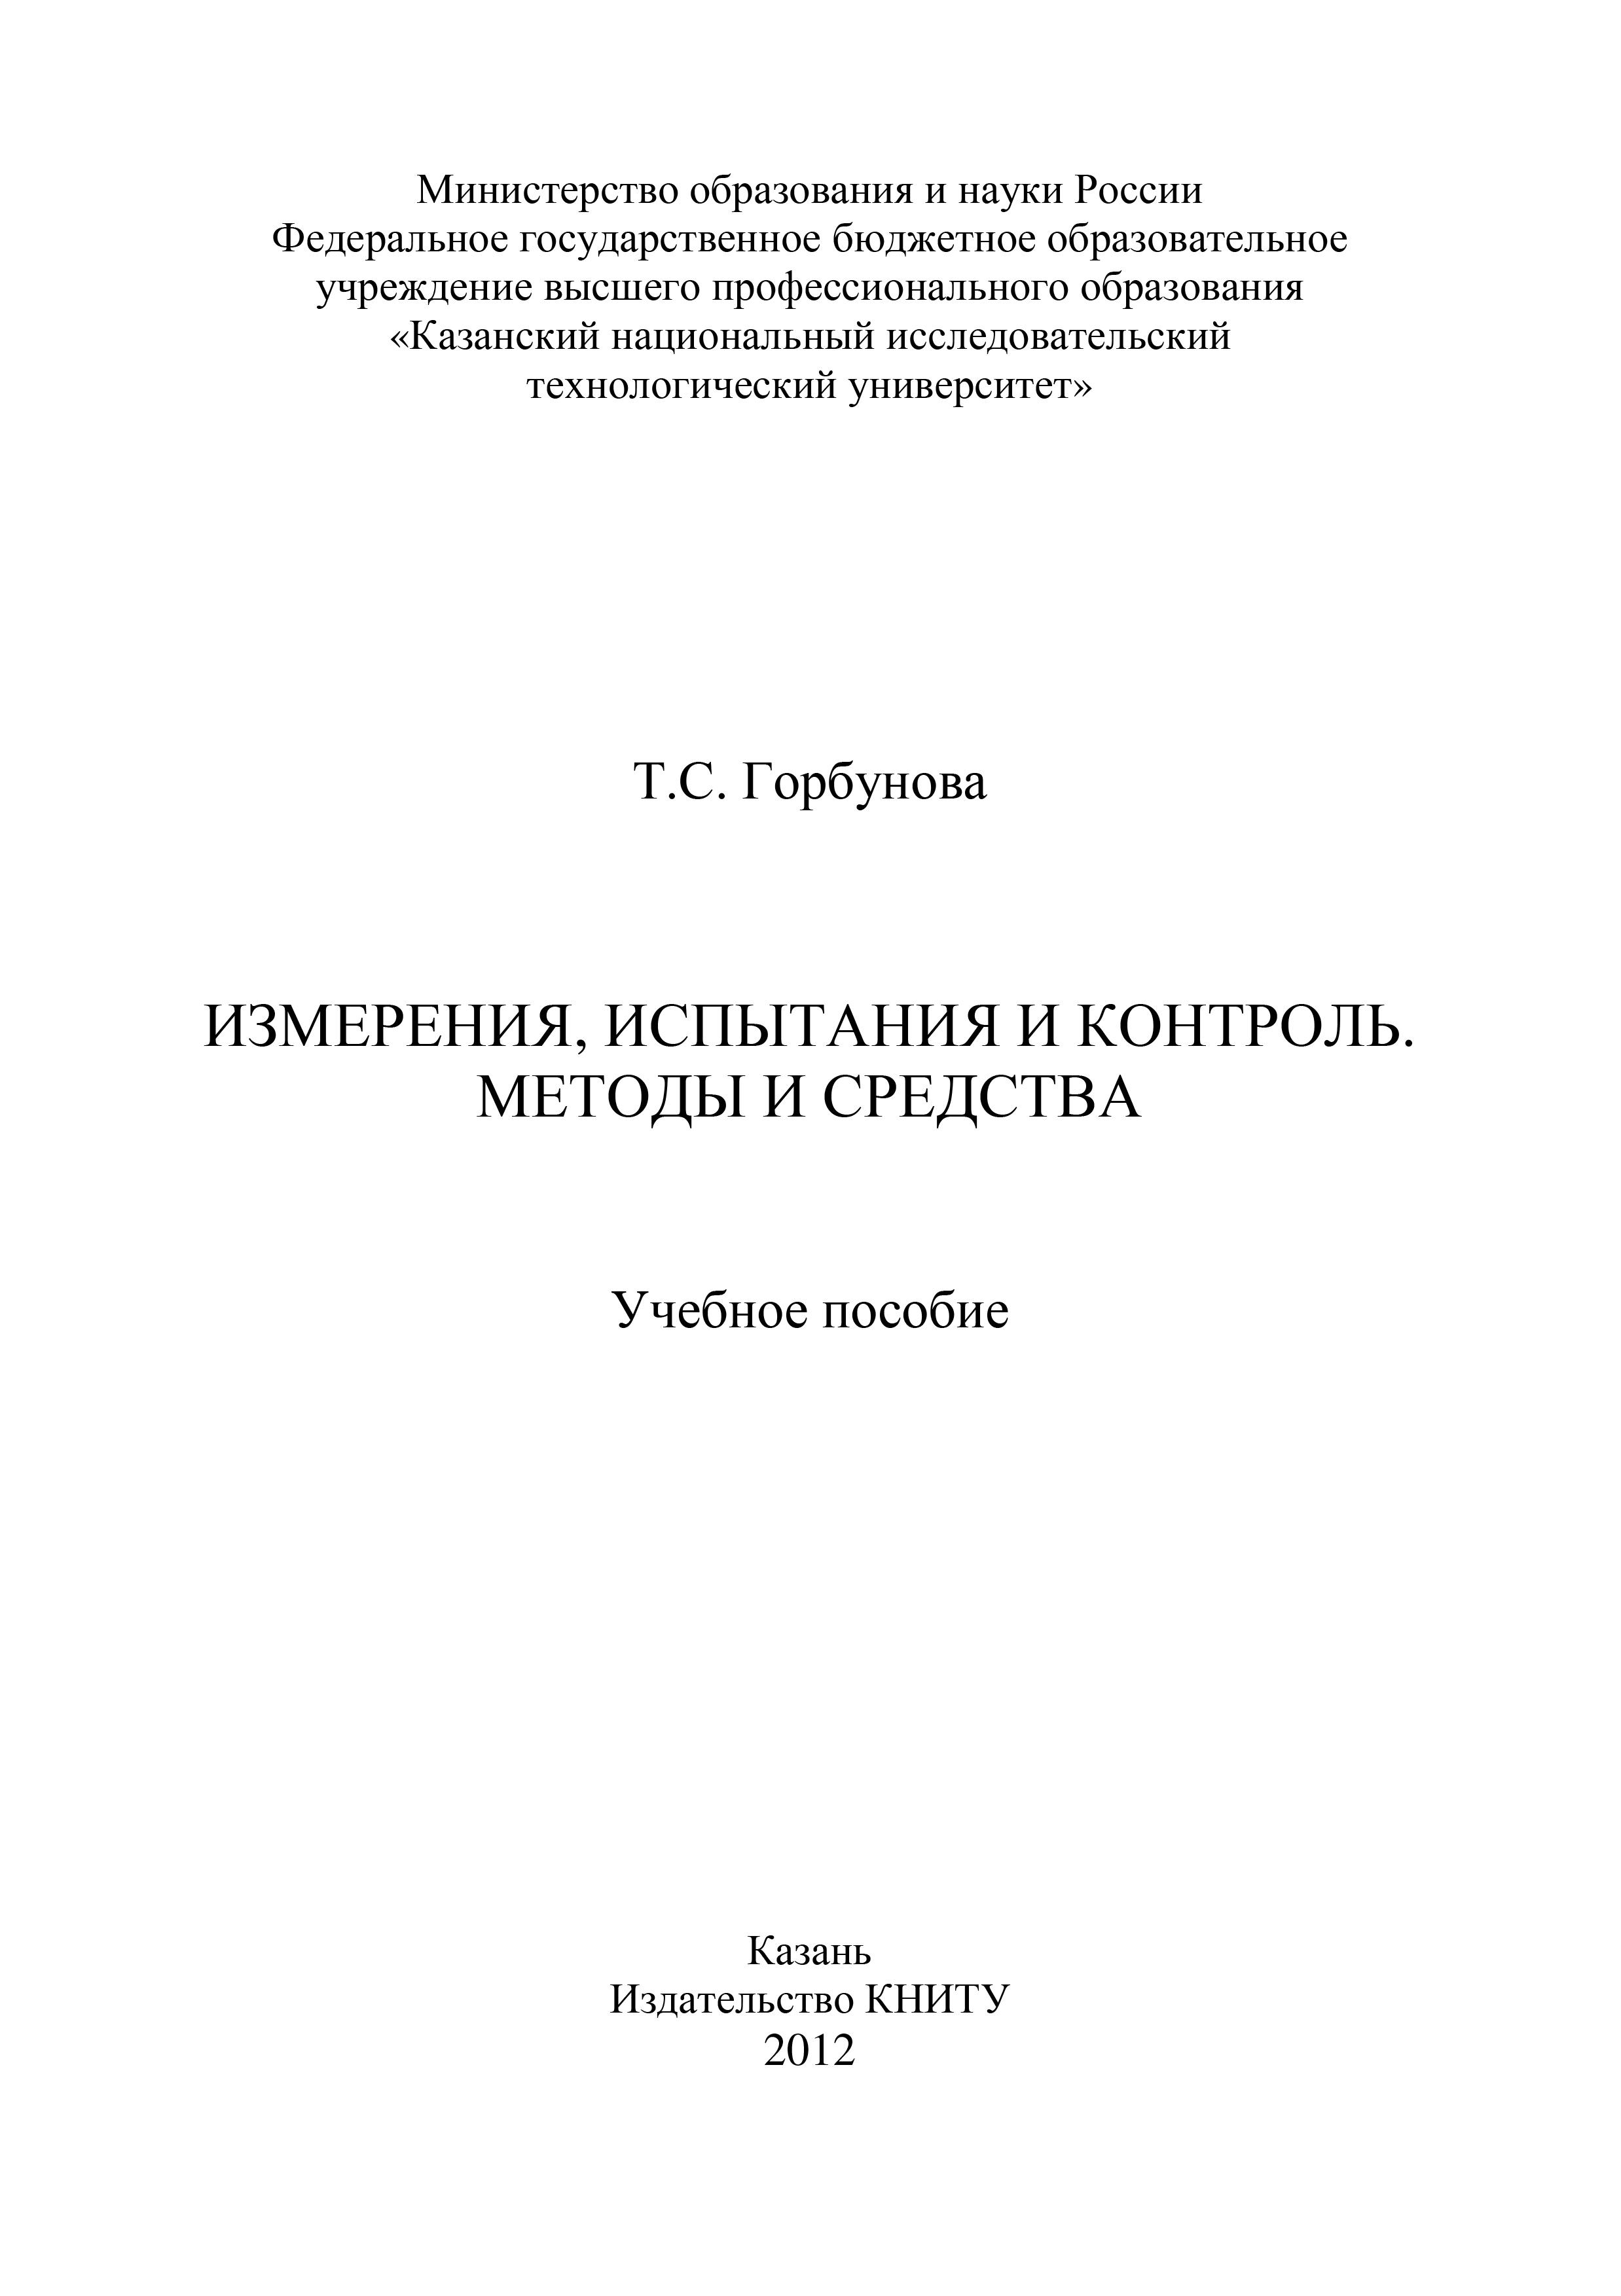 Т. Горбунова Измерения, испытания и контроль. Методы и средства допуски изделий и средства измерений